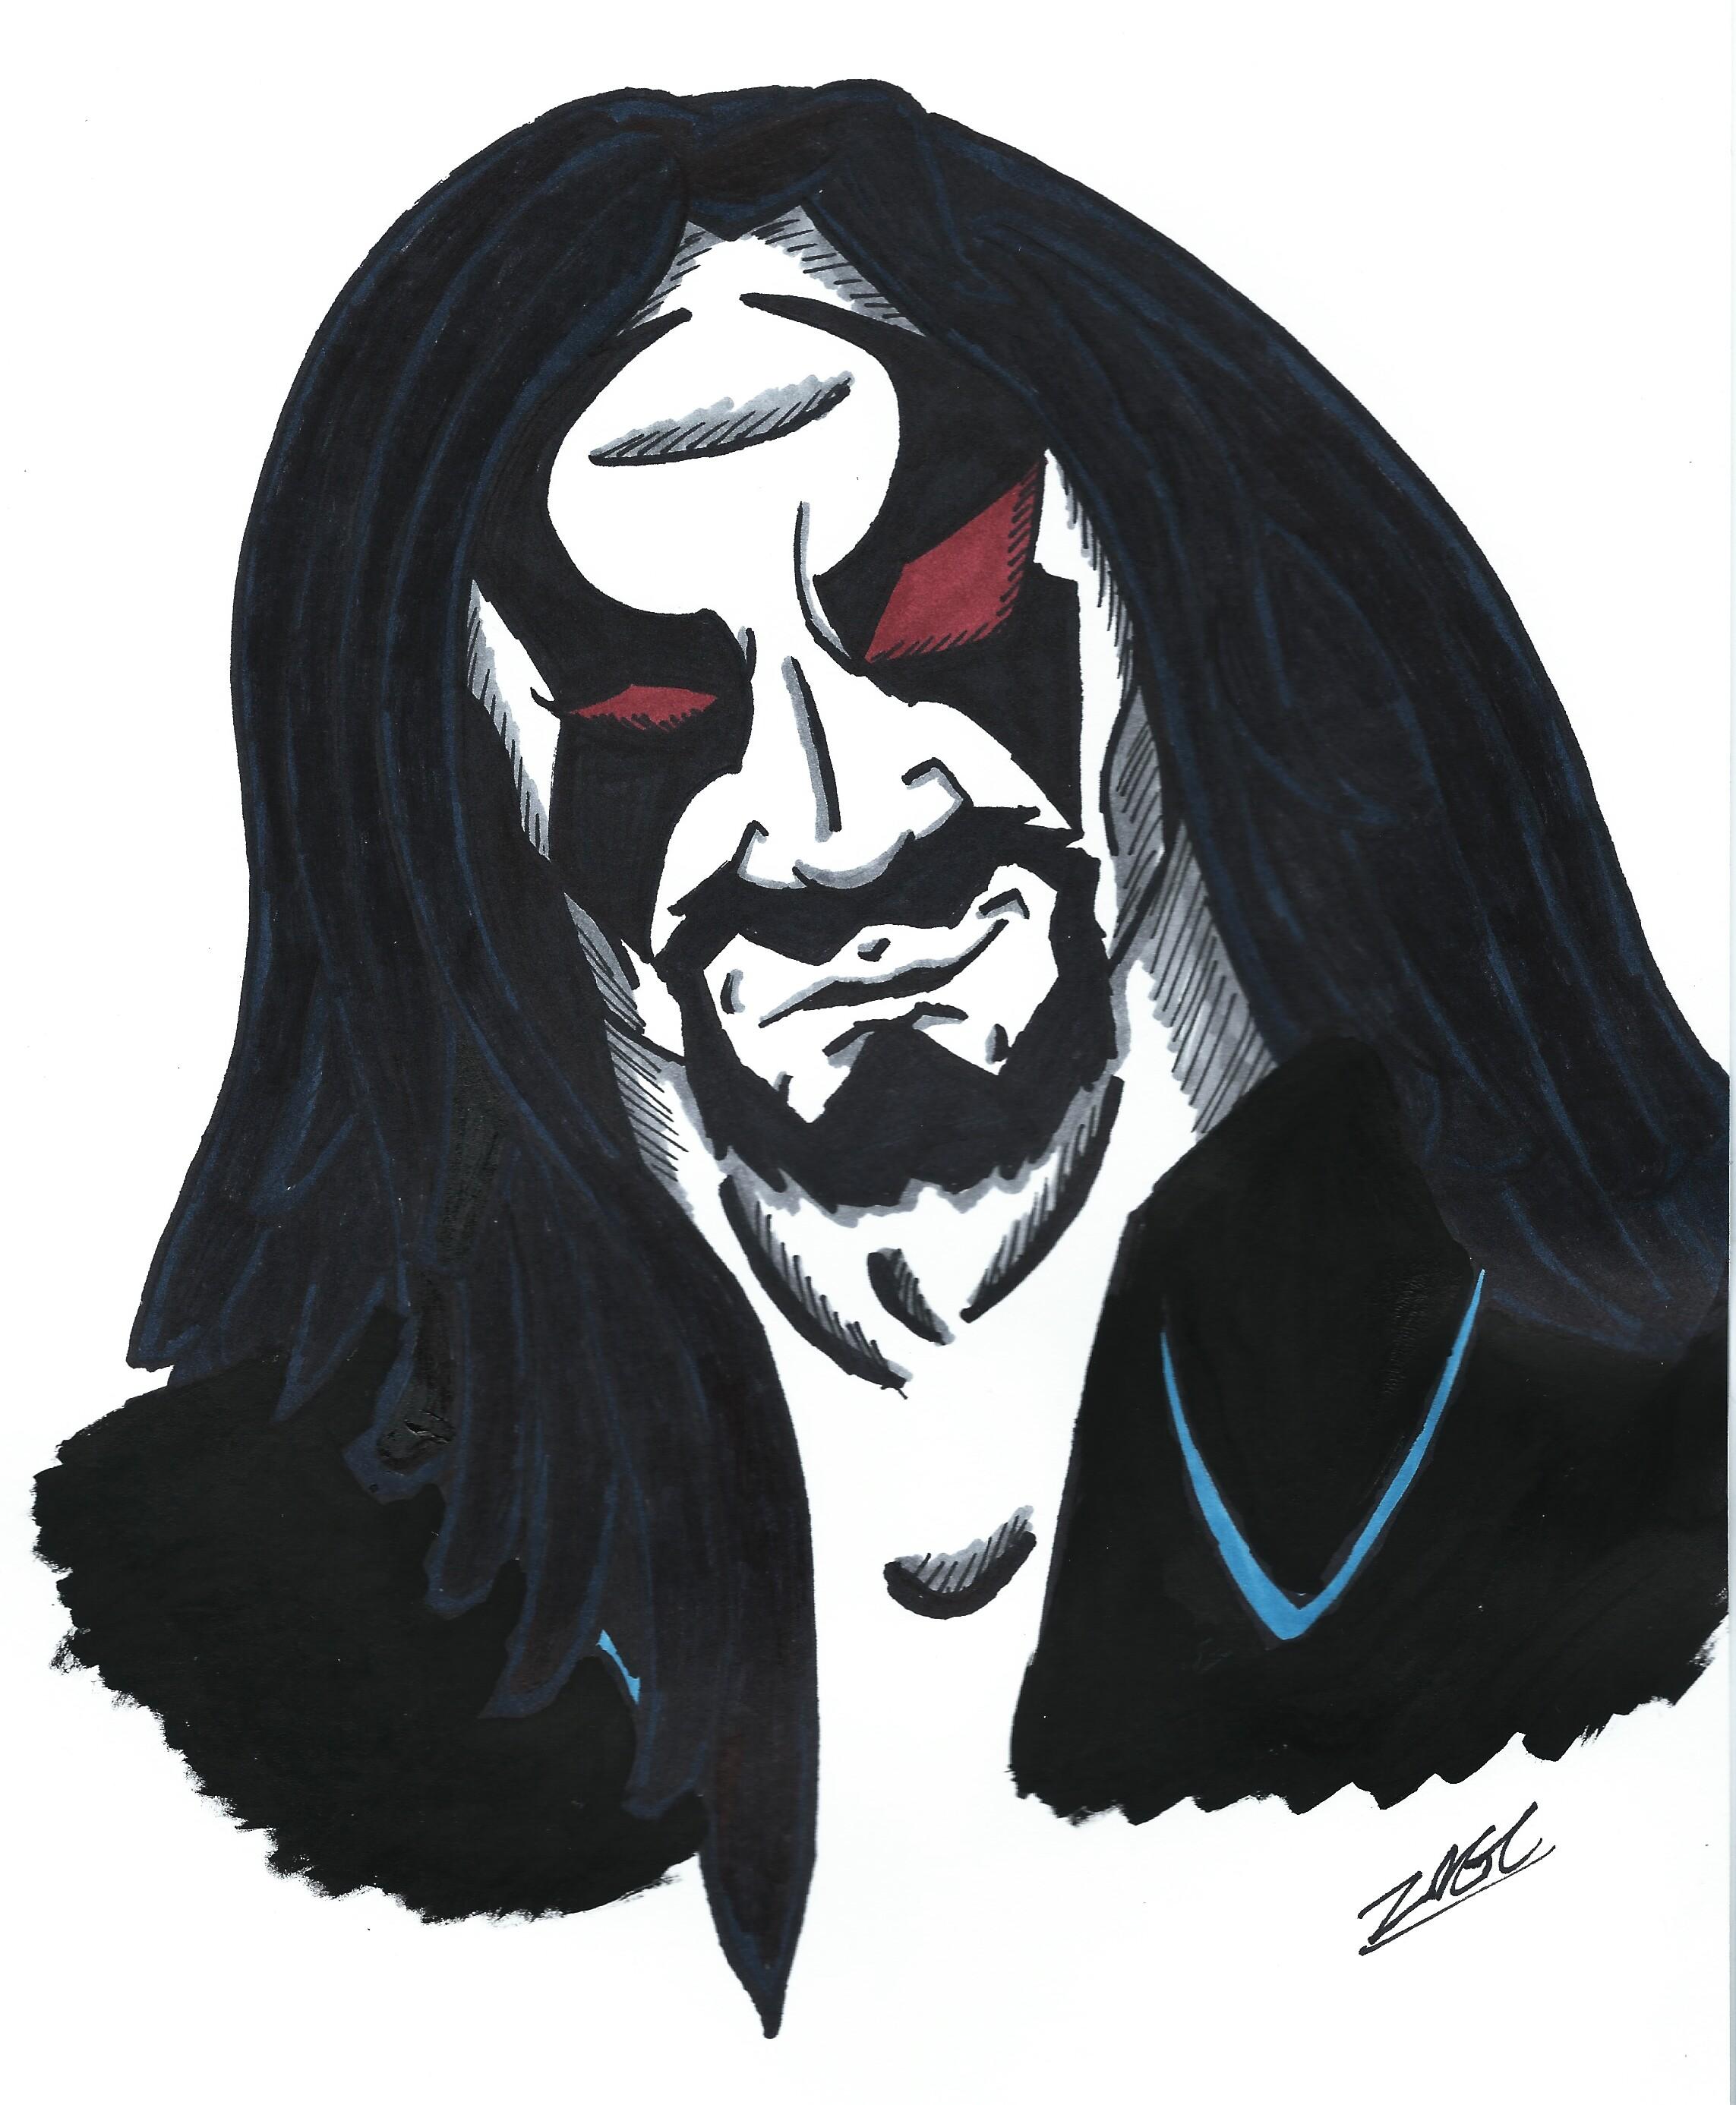 Lobo fan art